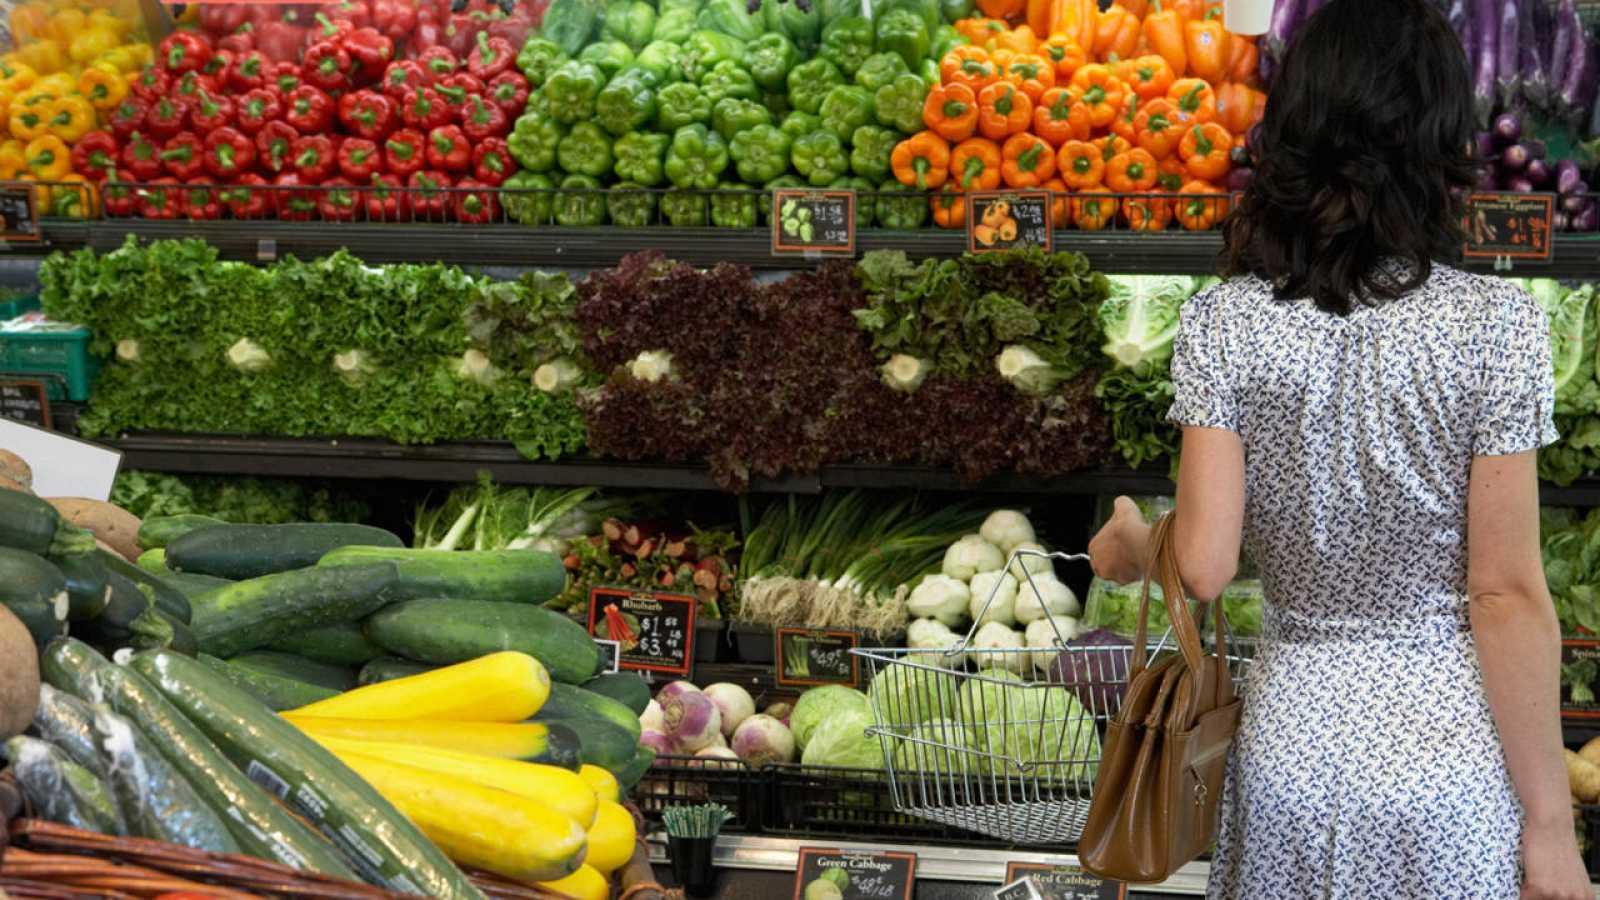 Una mujer compra fruta en un supermercado